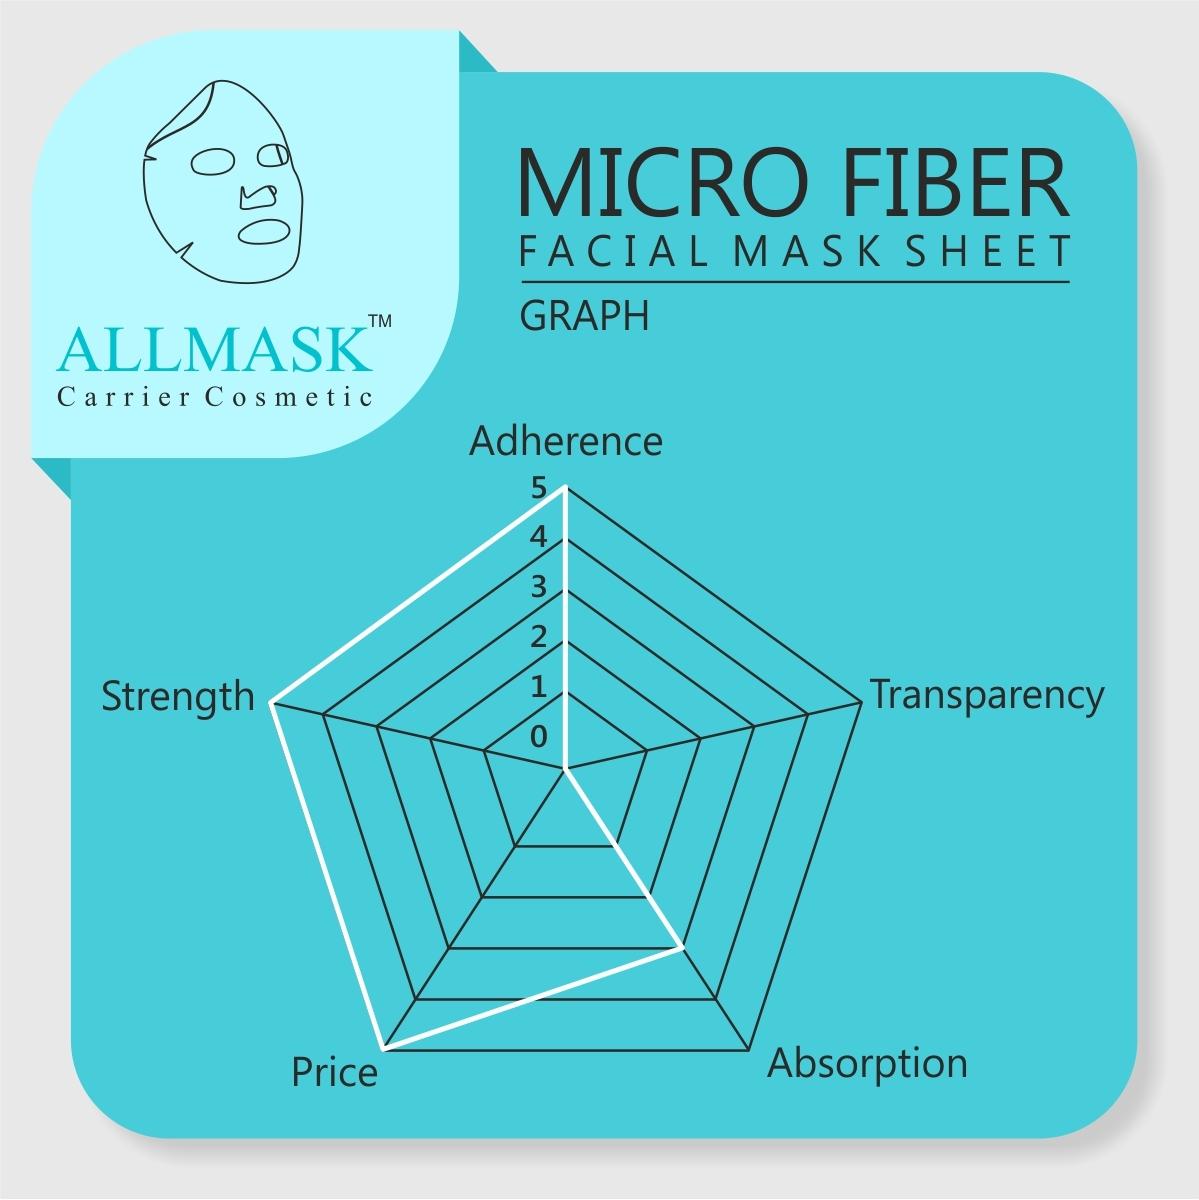 Micro Fiber Facial Mask Sheet - 100% Original - ODM/OEM Customization Available